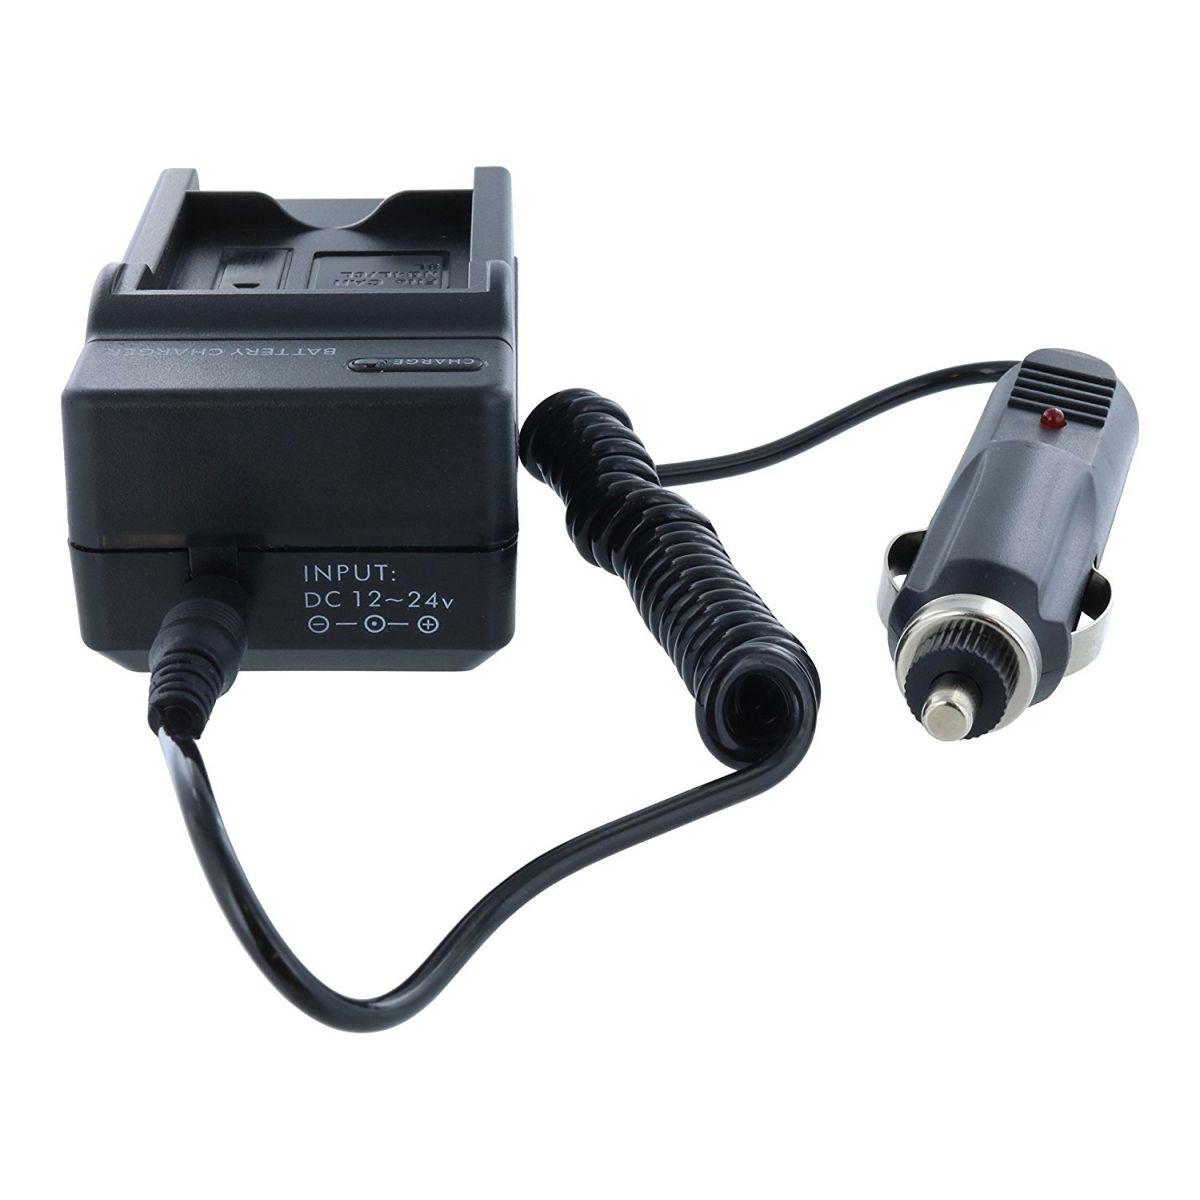 Carregador de Bateria CGA-S002 CGA-S006 para Panasonic DMC-FZ50